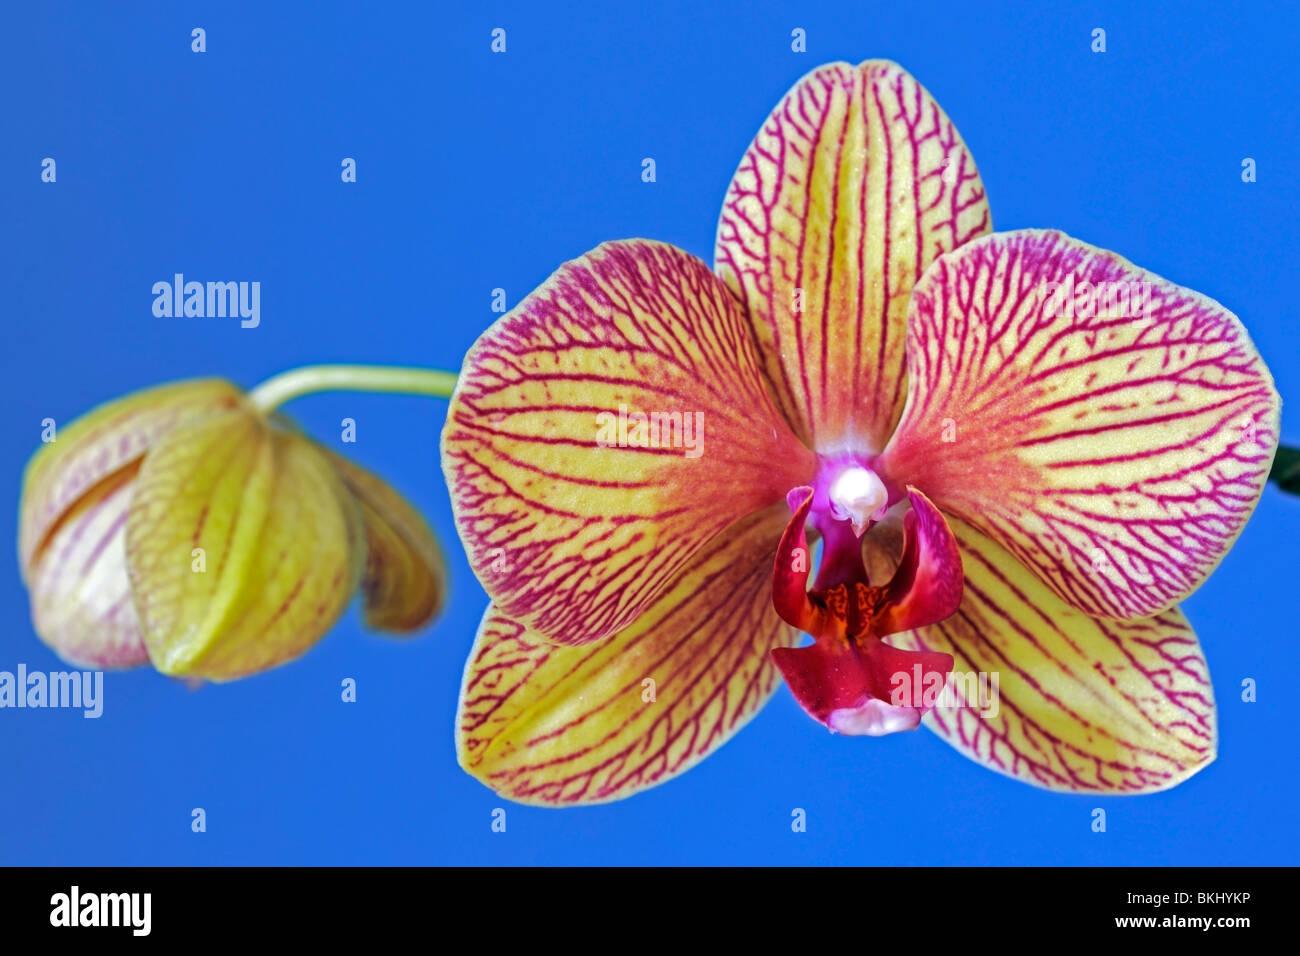 Attraktive bilaterale Symmetrie in eine Motte Orchidee Stockbild